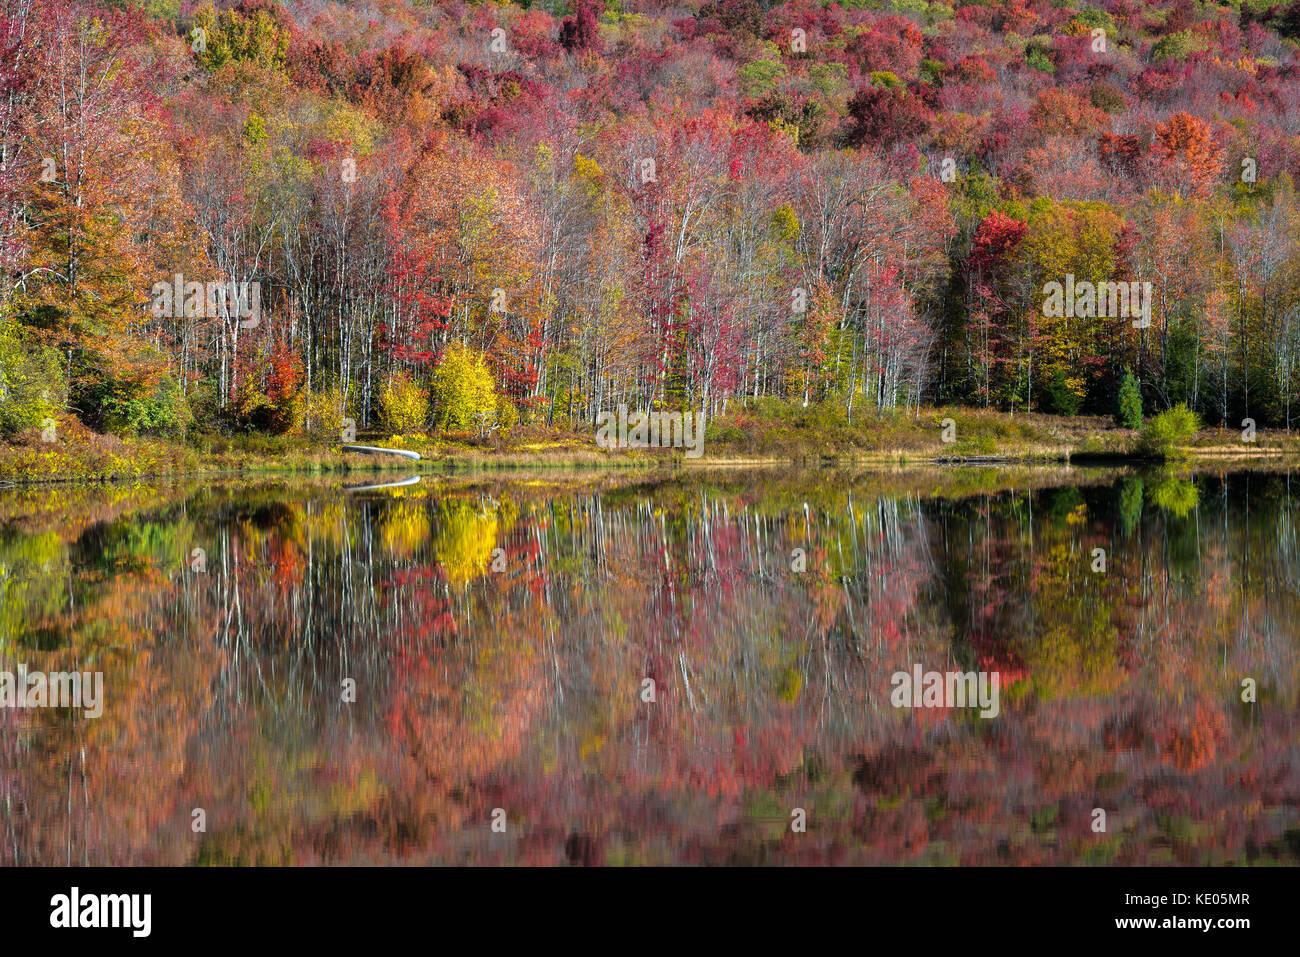 Colorato fogliame di autunno si riflette sulla superficie liscia di un lago di montagna nella valle di Canaan, West Virginia, USA Foto Stock